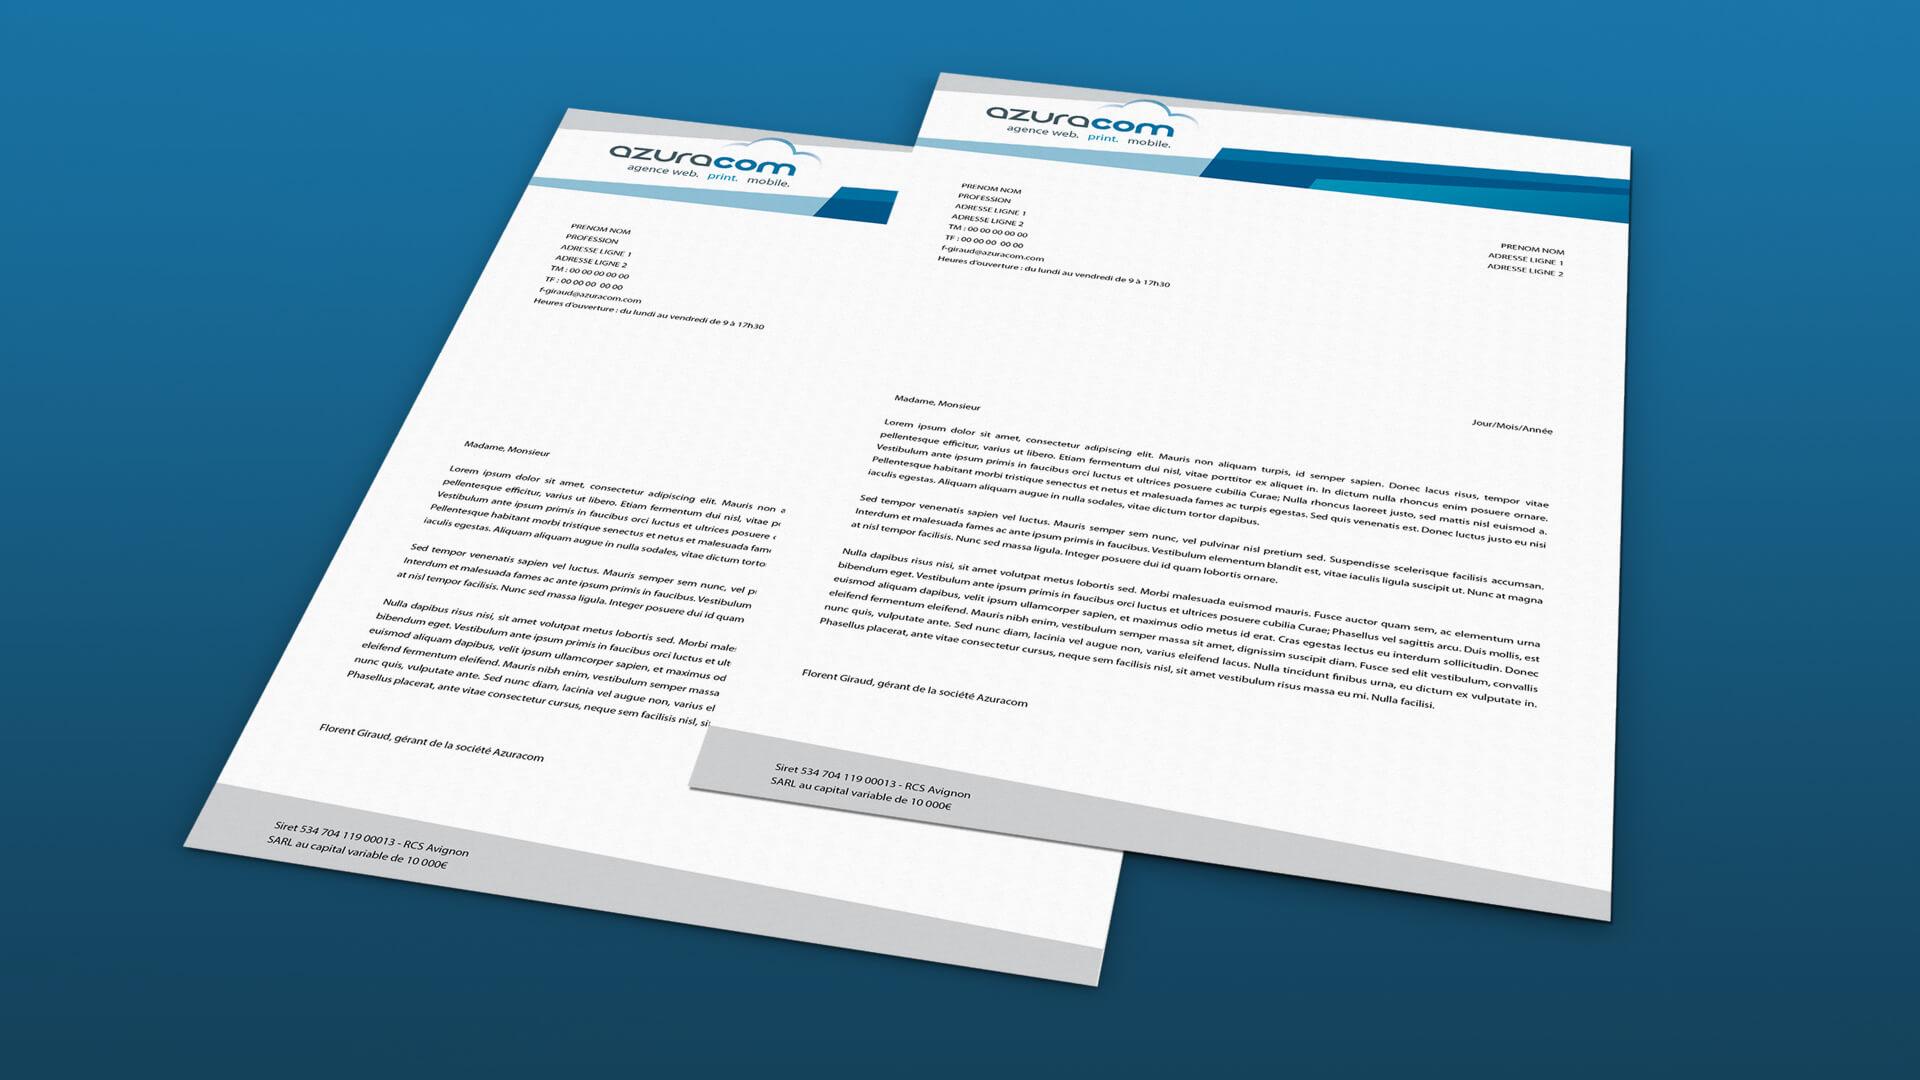 Bien connu Actualités | Papier entête Azuracom | Agence web Azuracom UK03